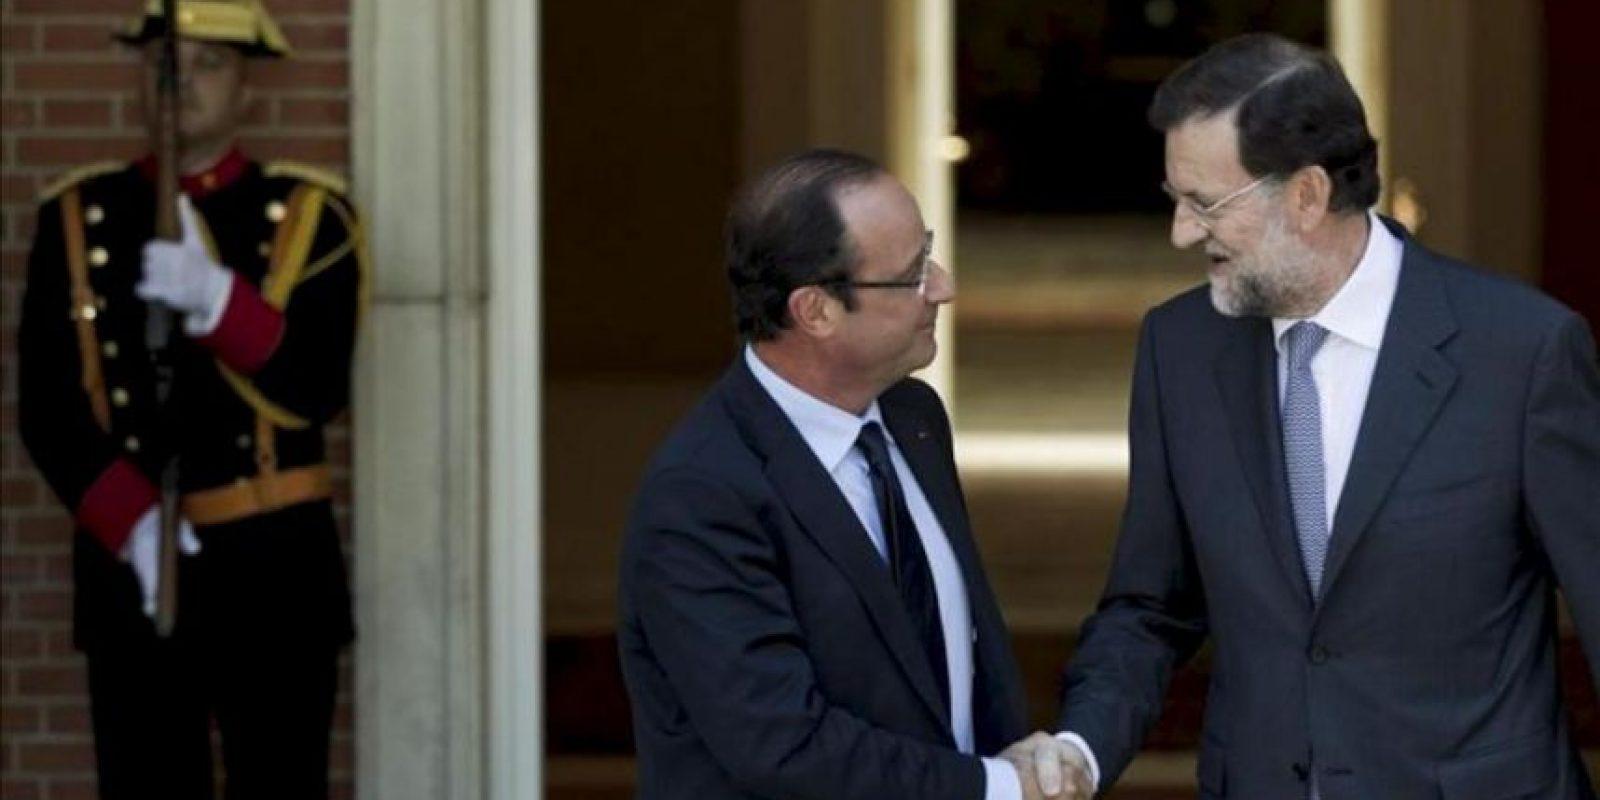 El jefe del Gobierno español, Mariano Rajoy (d), recibe al presidente francés, François Hollande, en el Palacio de la Moncloa hoy. EFE